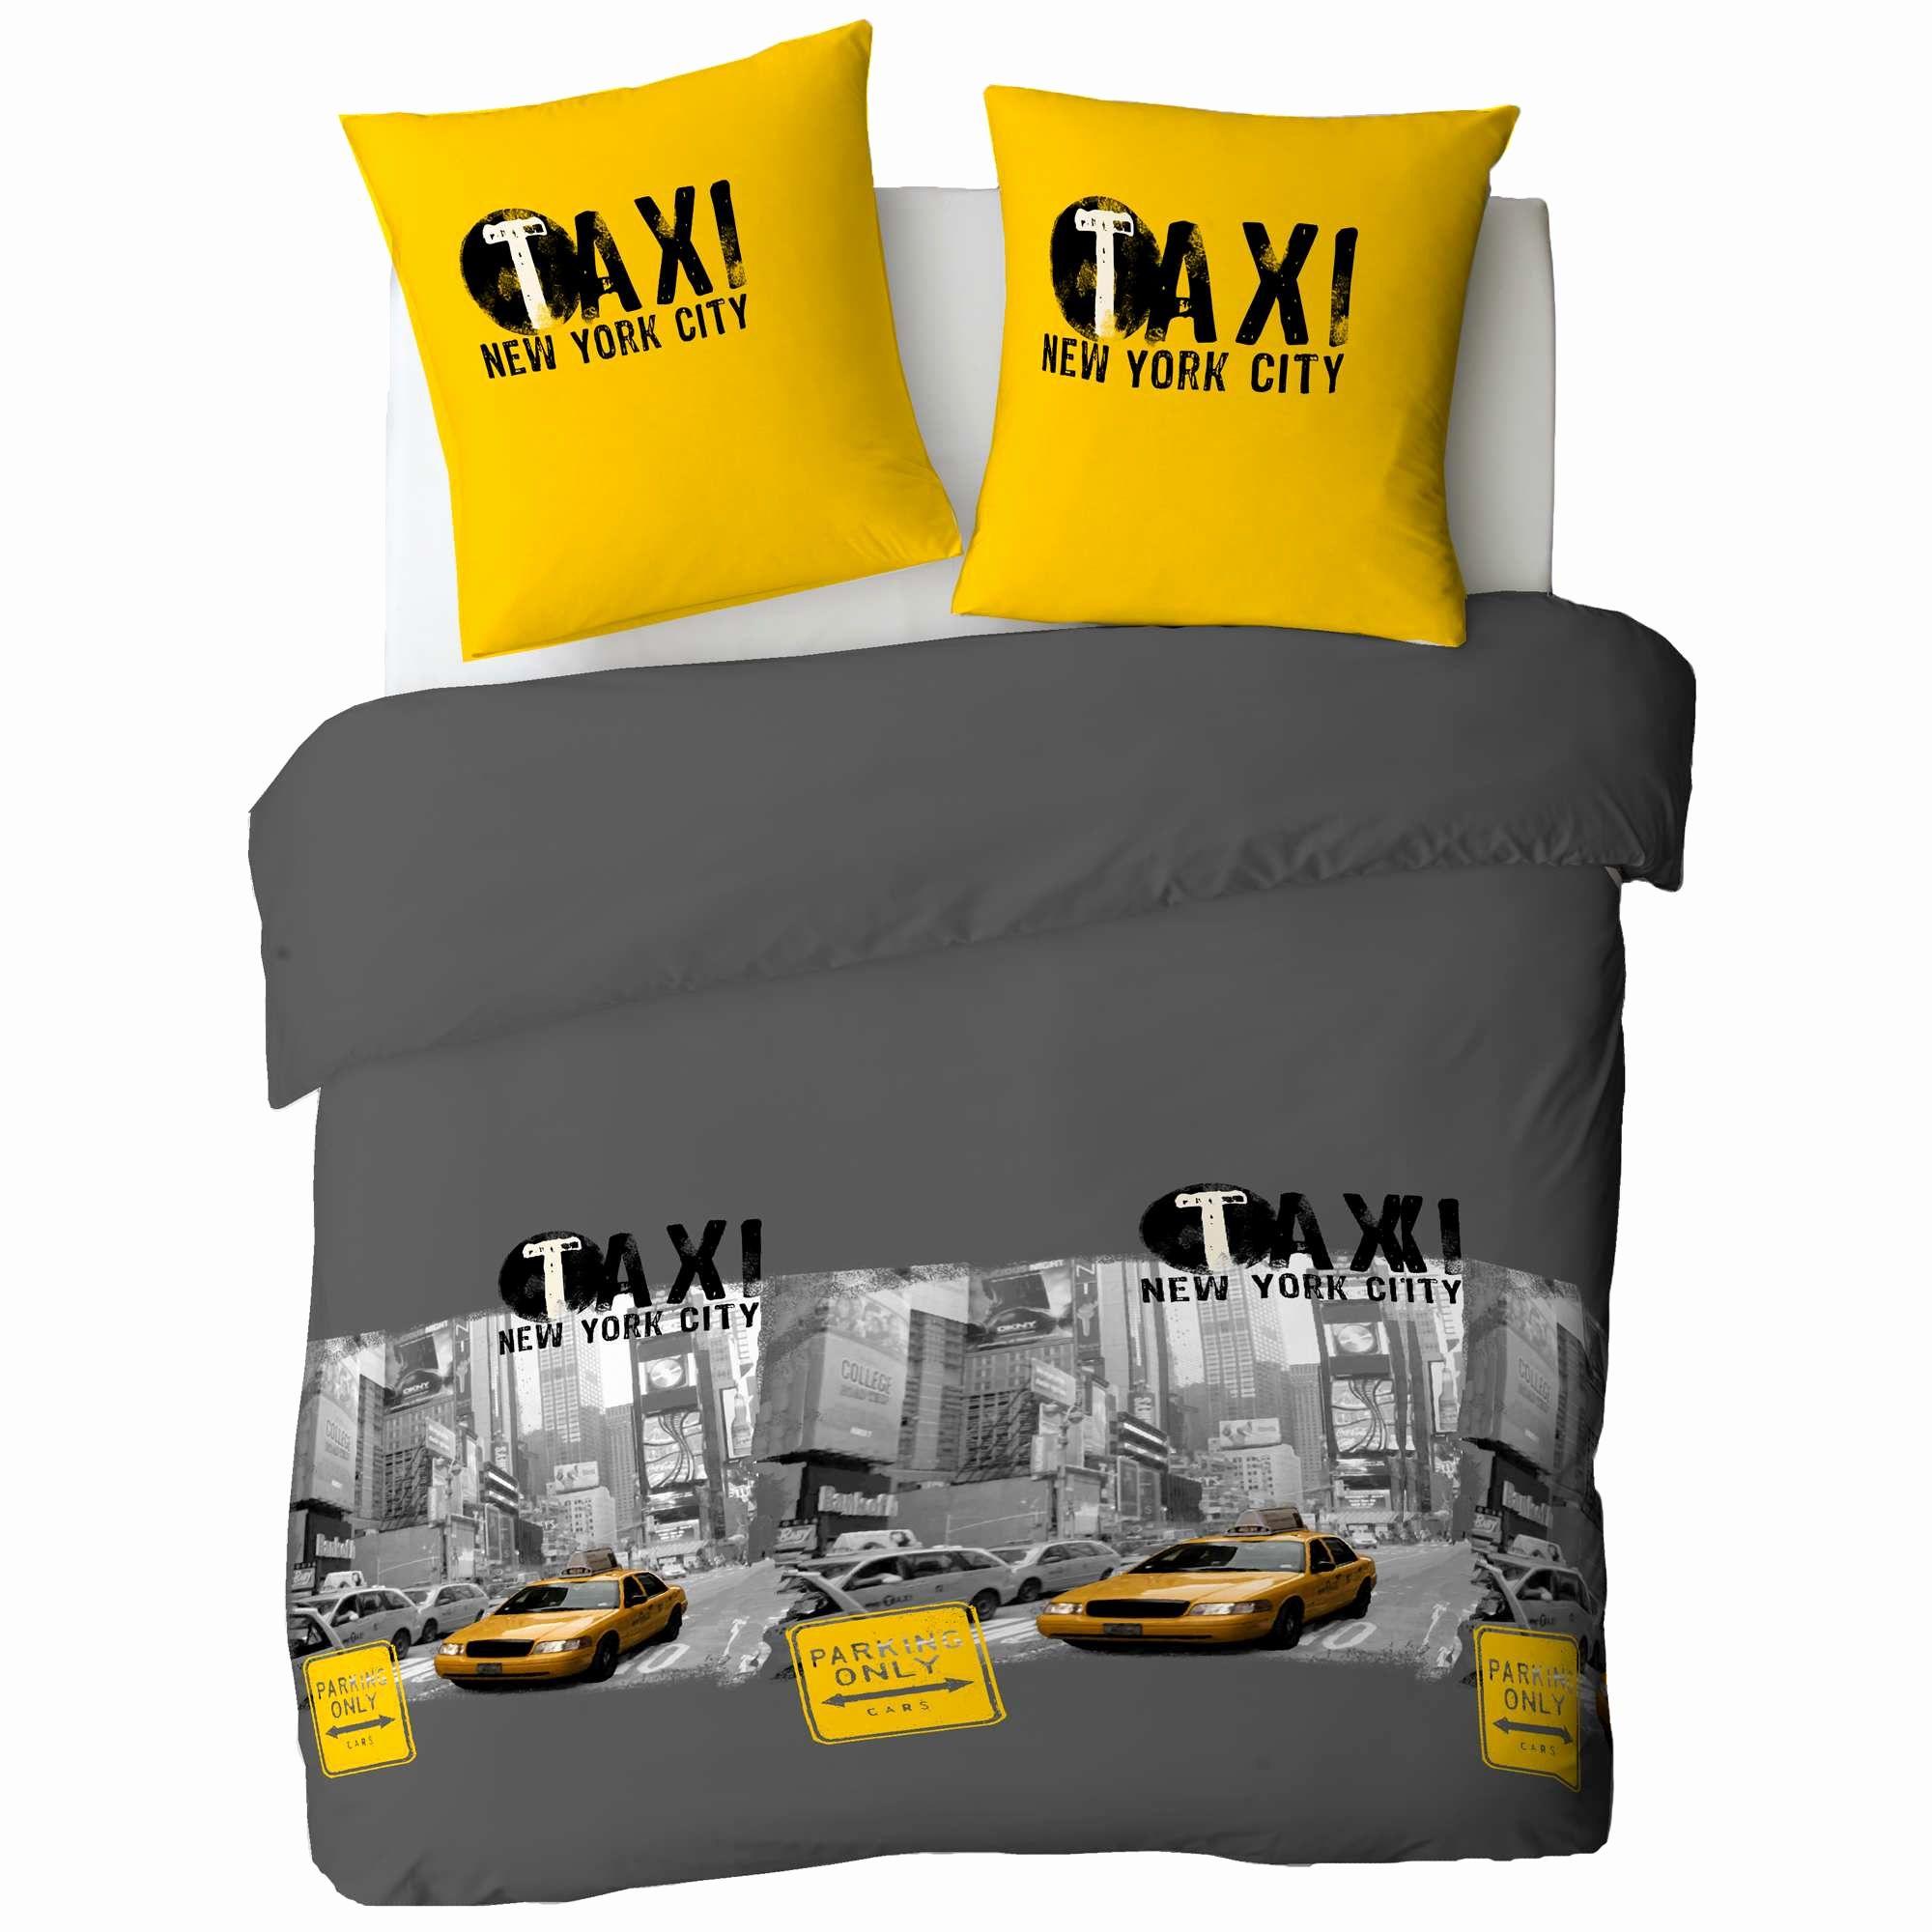 Housse De Couette New York 1 Personne Housse De Couette New York 1 Personne Housse De Couette New York 1 Personne En Solde Un Choix Uniq Bed Bed Pillows Home